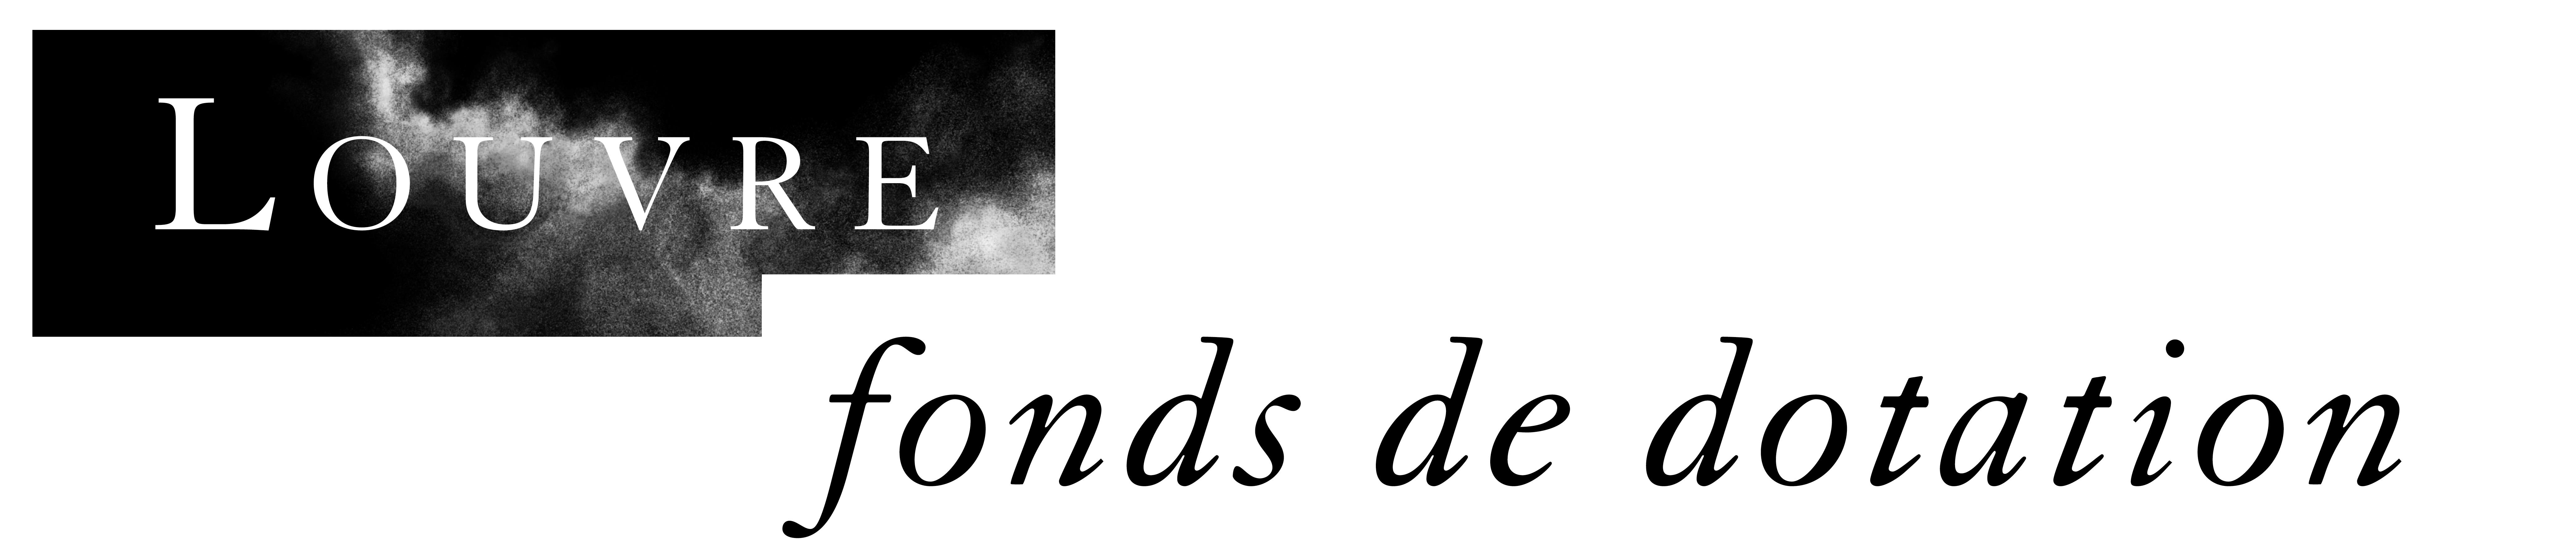 FONDS DE DOTATION DU MUSEE DU LOUVRE